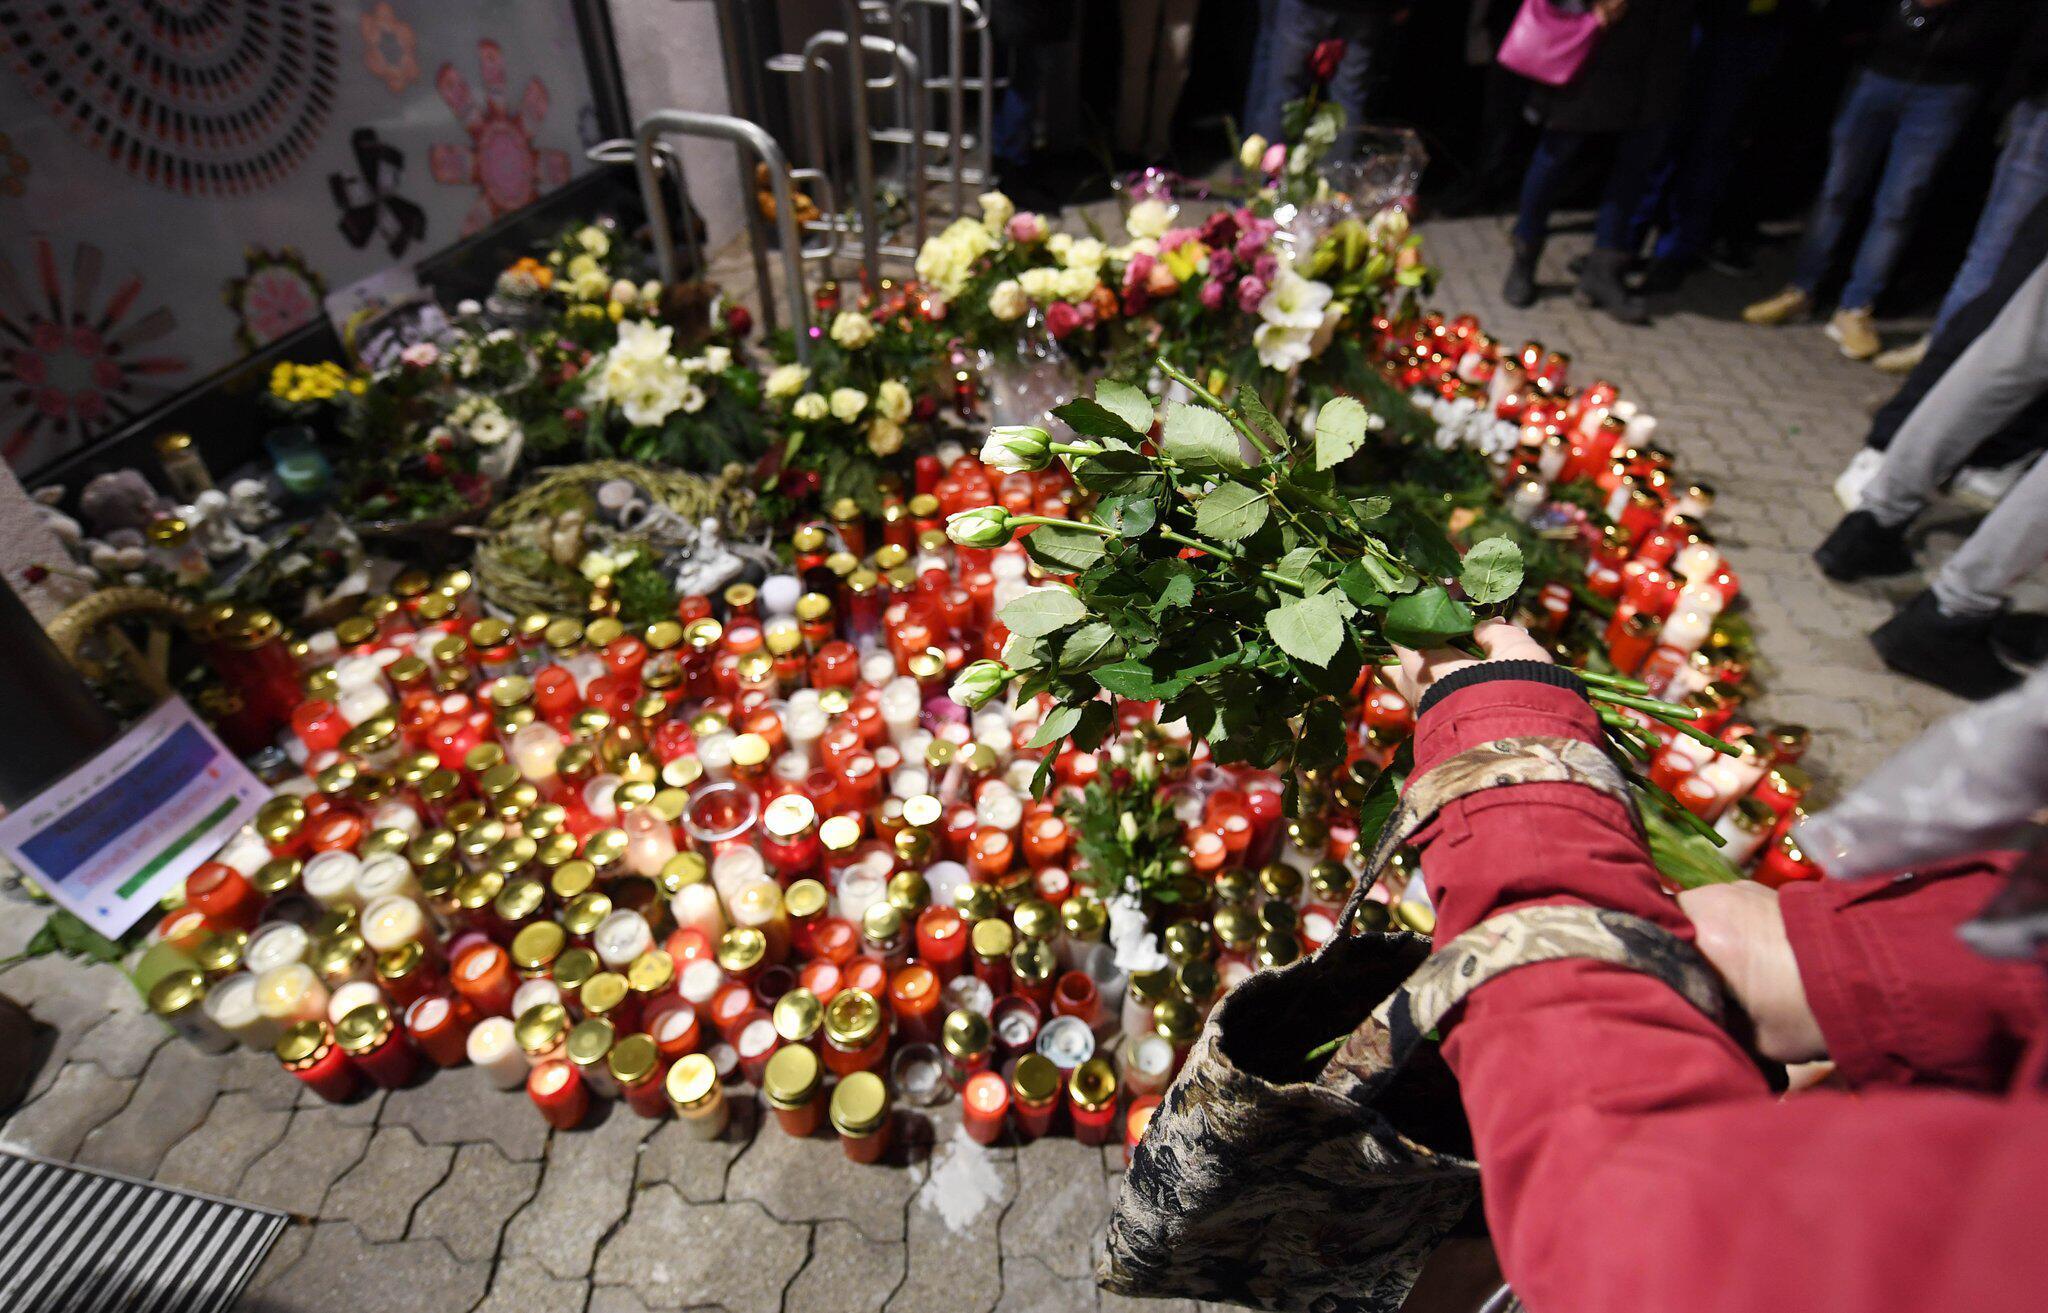 Bild zu Blumenmeer, Trauermarsch, Kandel, Messerstecher